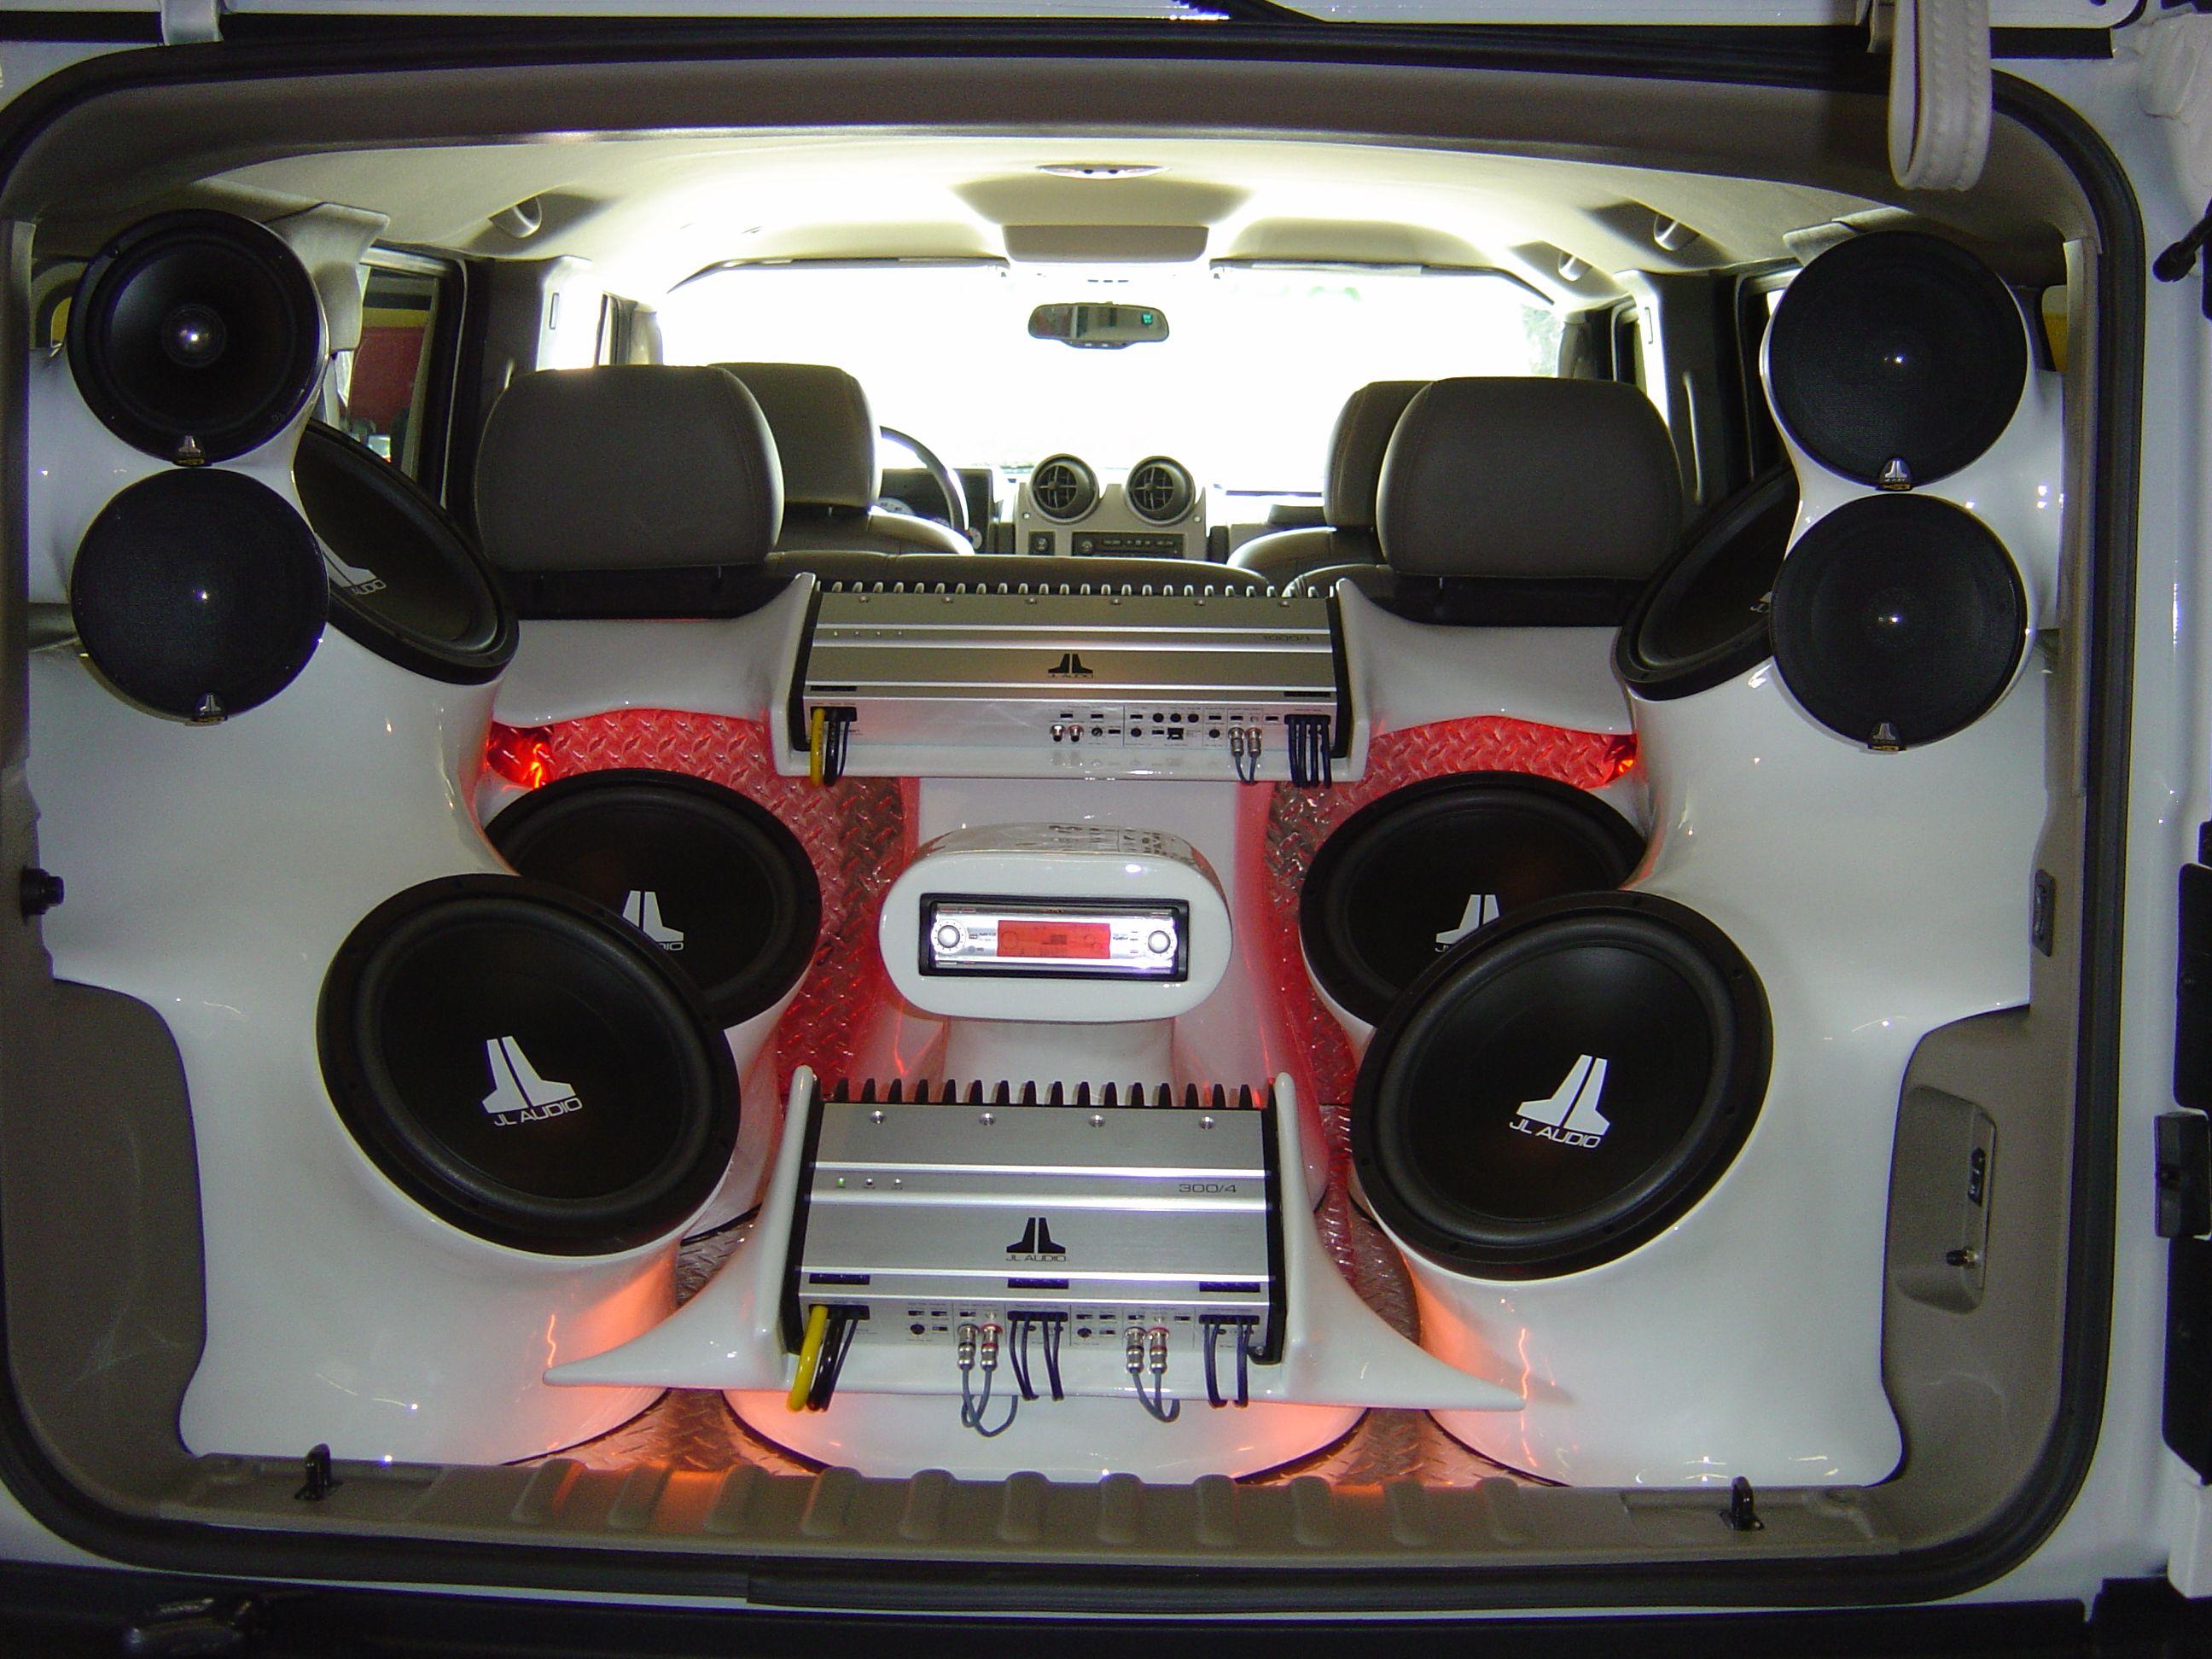 Ken S Car Tunes Car Audio Install Photos Ken S Car Tunes Awesome